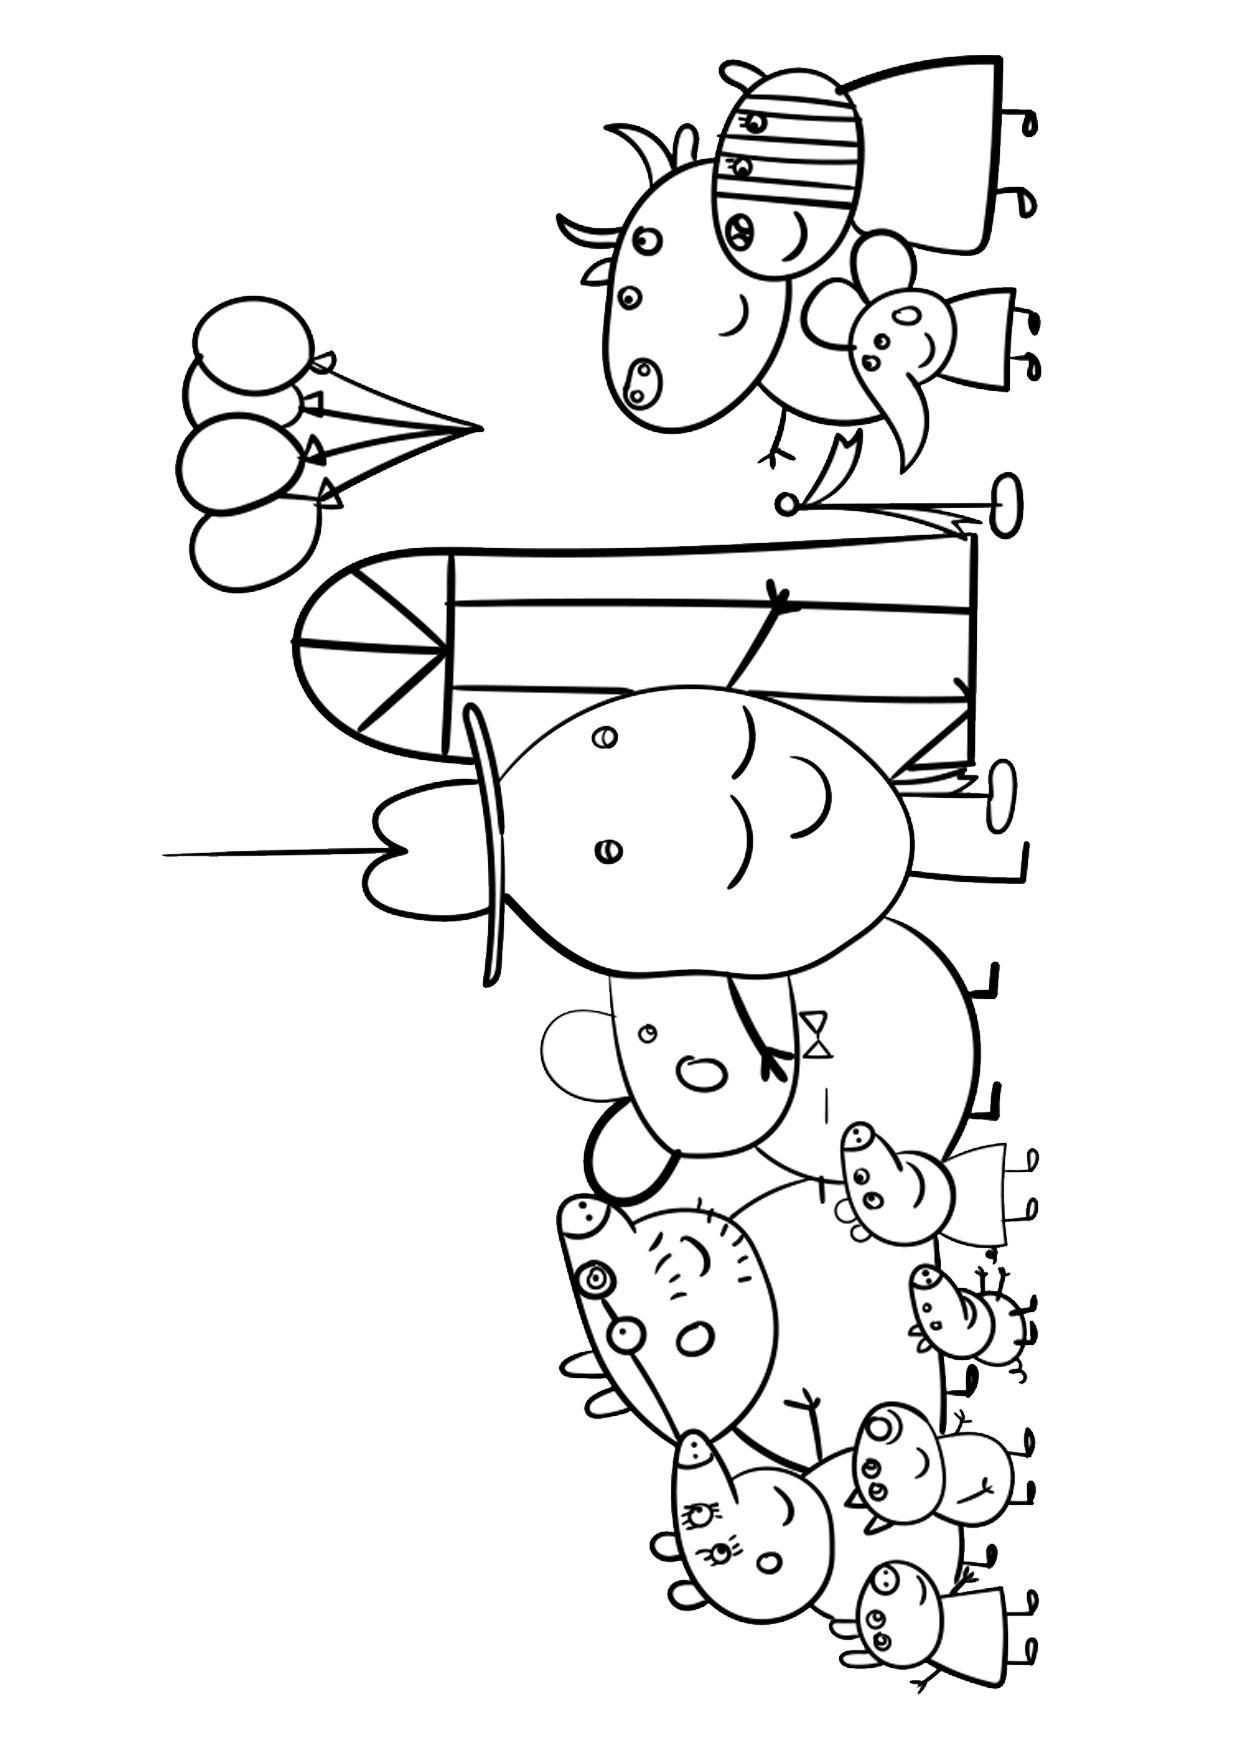 Disegno Peppa Pig da colorare 28